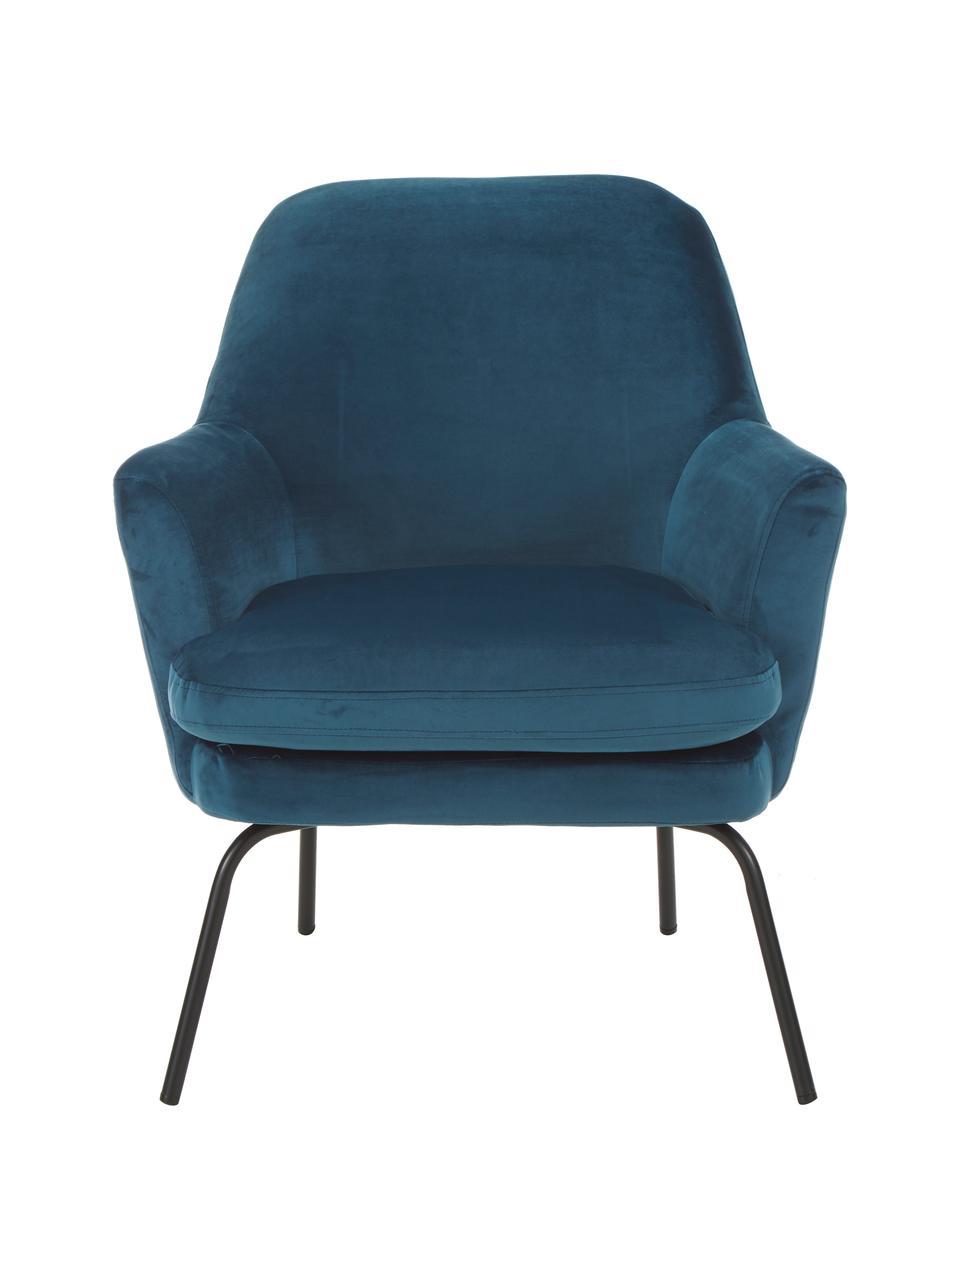 Fluwelen fauteuil Chisa in blauw, Bekleding: polyester (fluweel), Poten: gepoedercoat metaal, Fluweel marineblauw, B 68 x D 73 cm